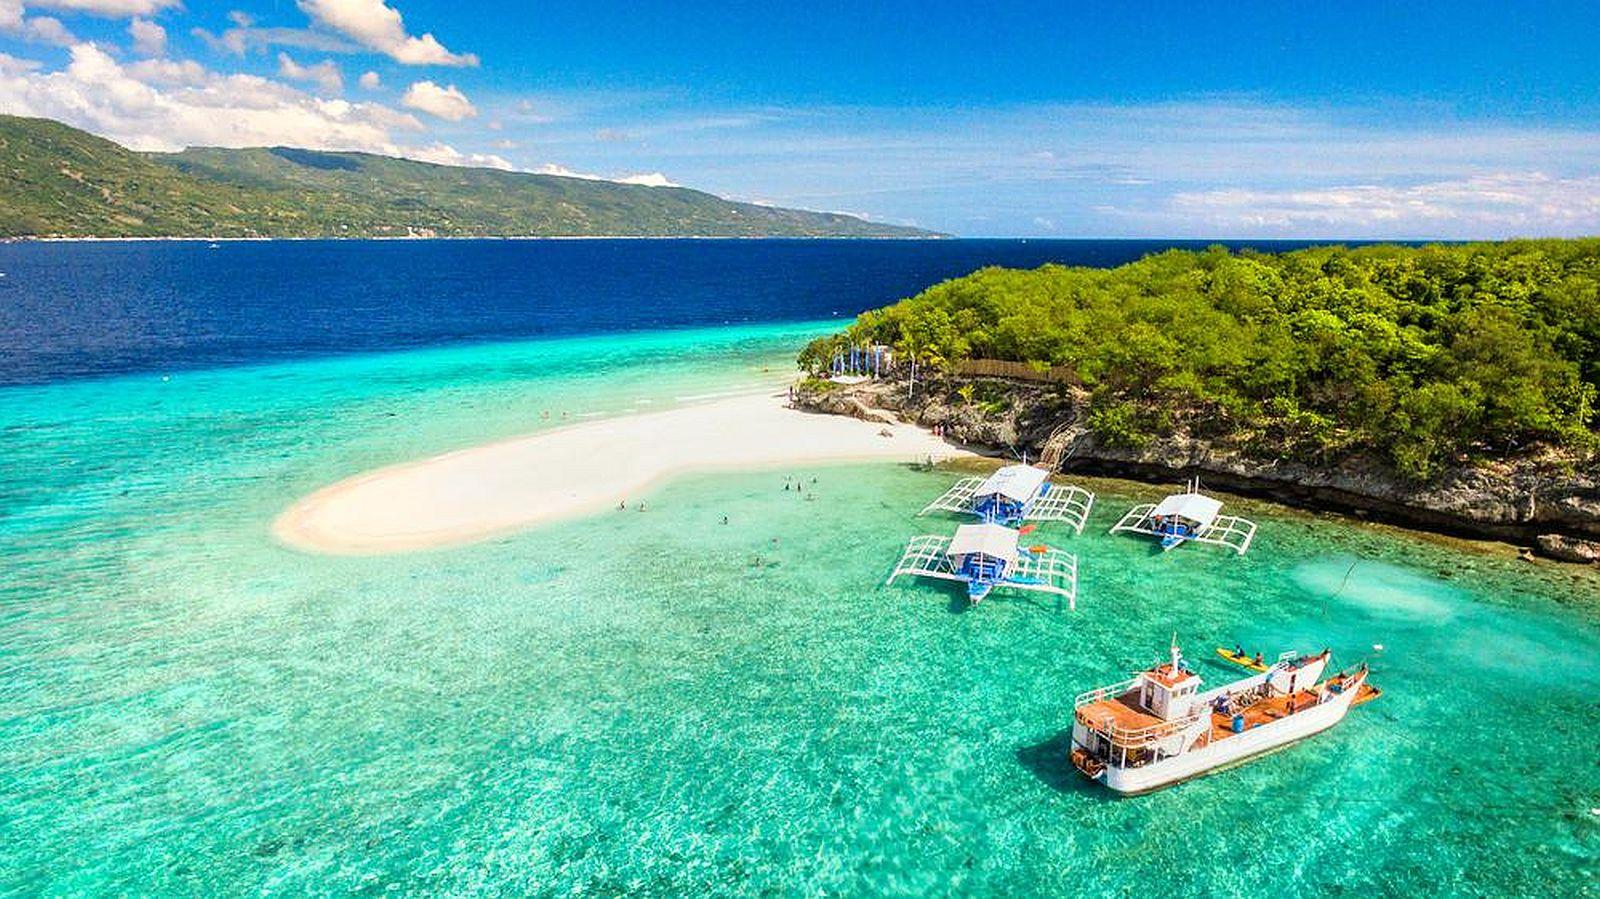 PHILIPPINEN REISEN - ORTE - CEBU - Touristische Ortsbeschreibung für Oslob